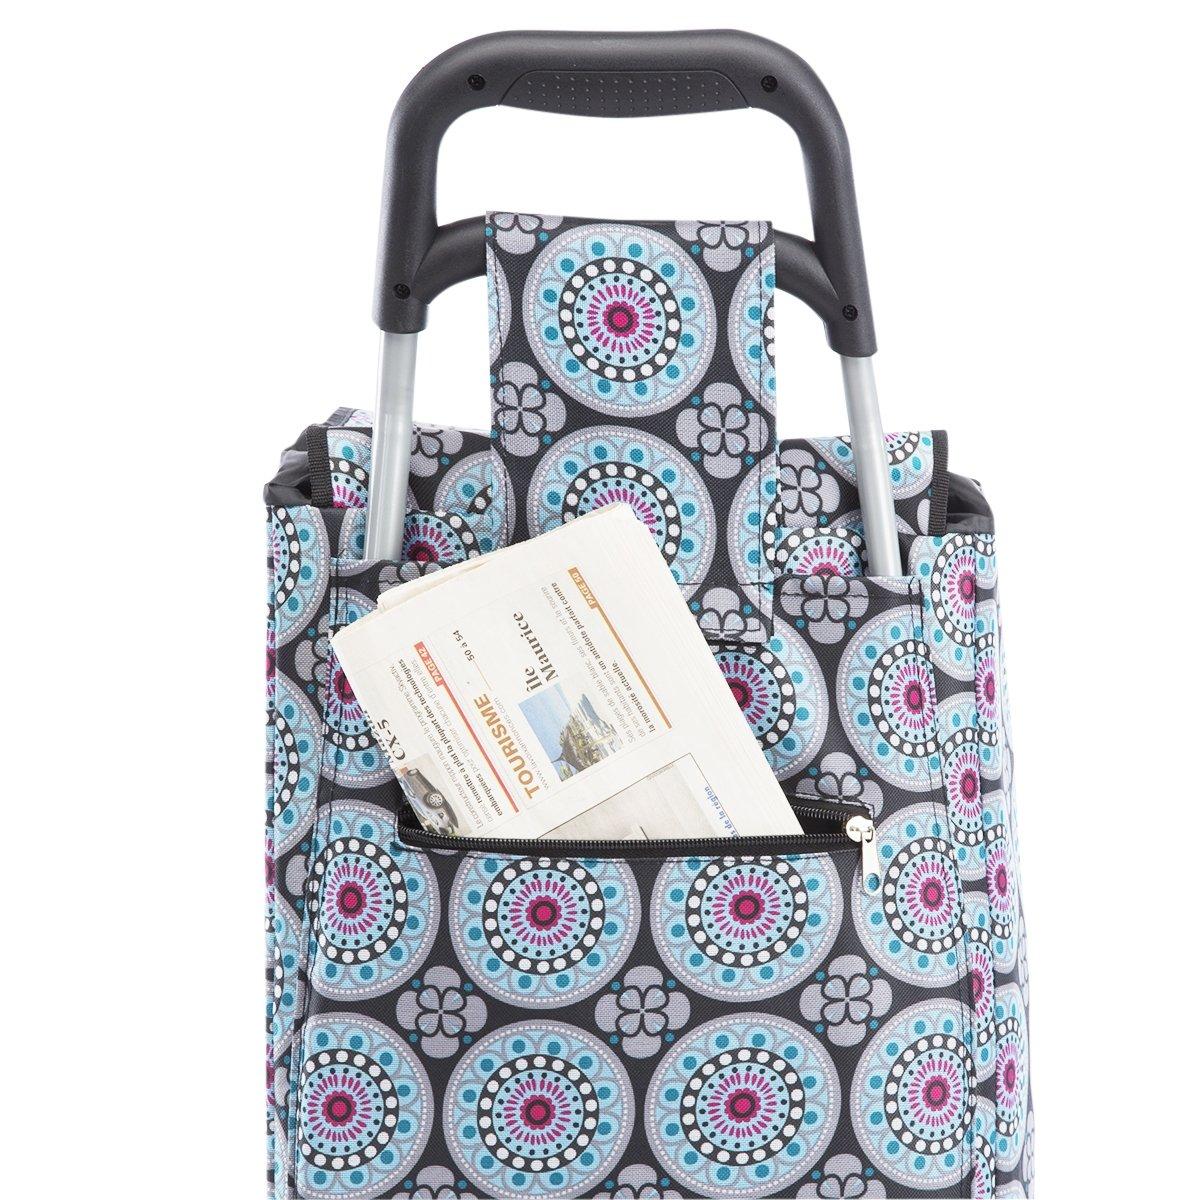 Carrito de la Compra, de Compra isotérmica 6 Ruedas, diseño de Mosaico, Color Azul: Amazon.es: Hogar